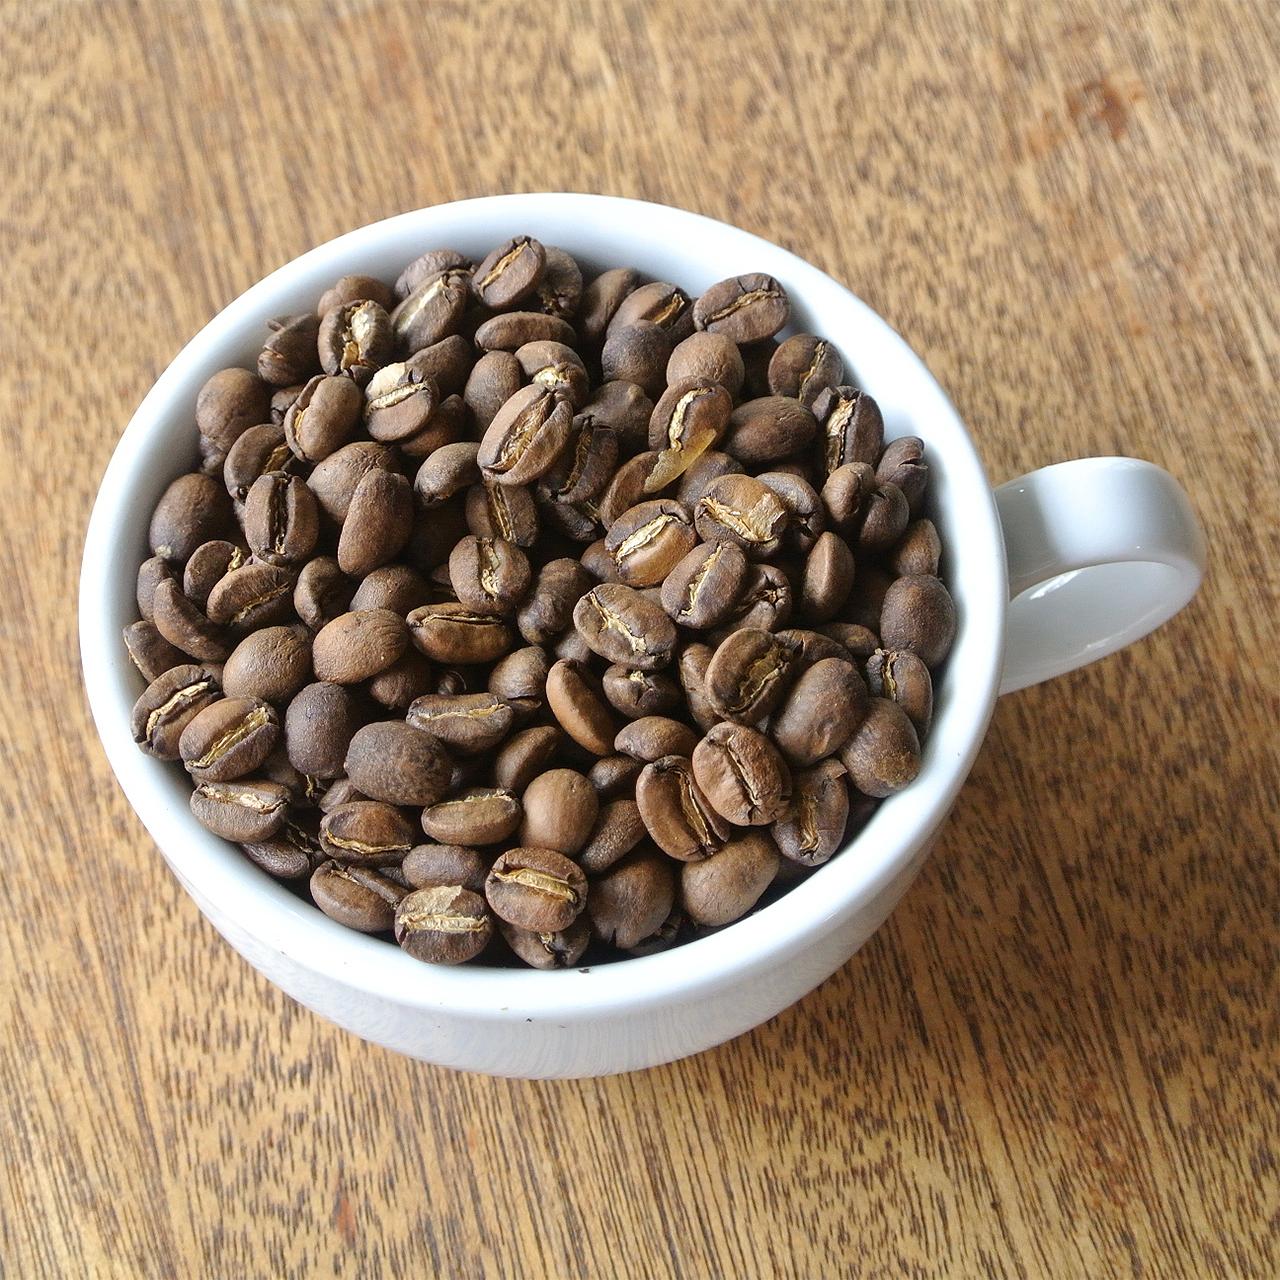 東ティモール マイクロロット フェルナンドさんの村コーヒー 浅煎り 100g